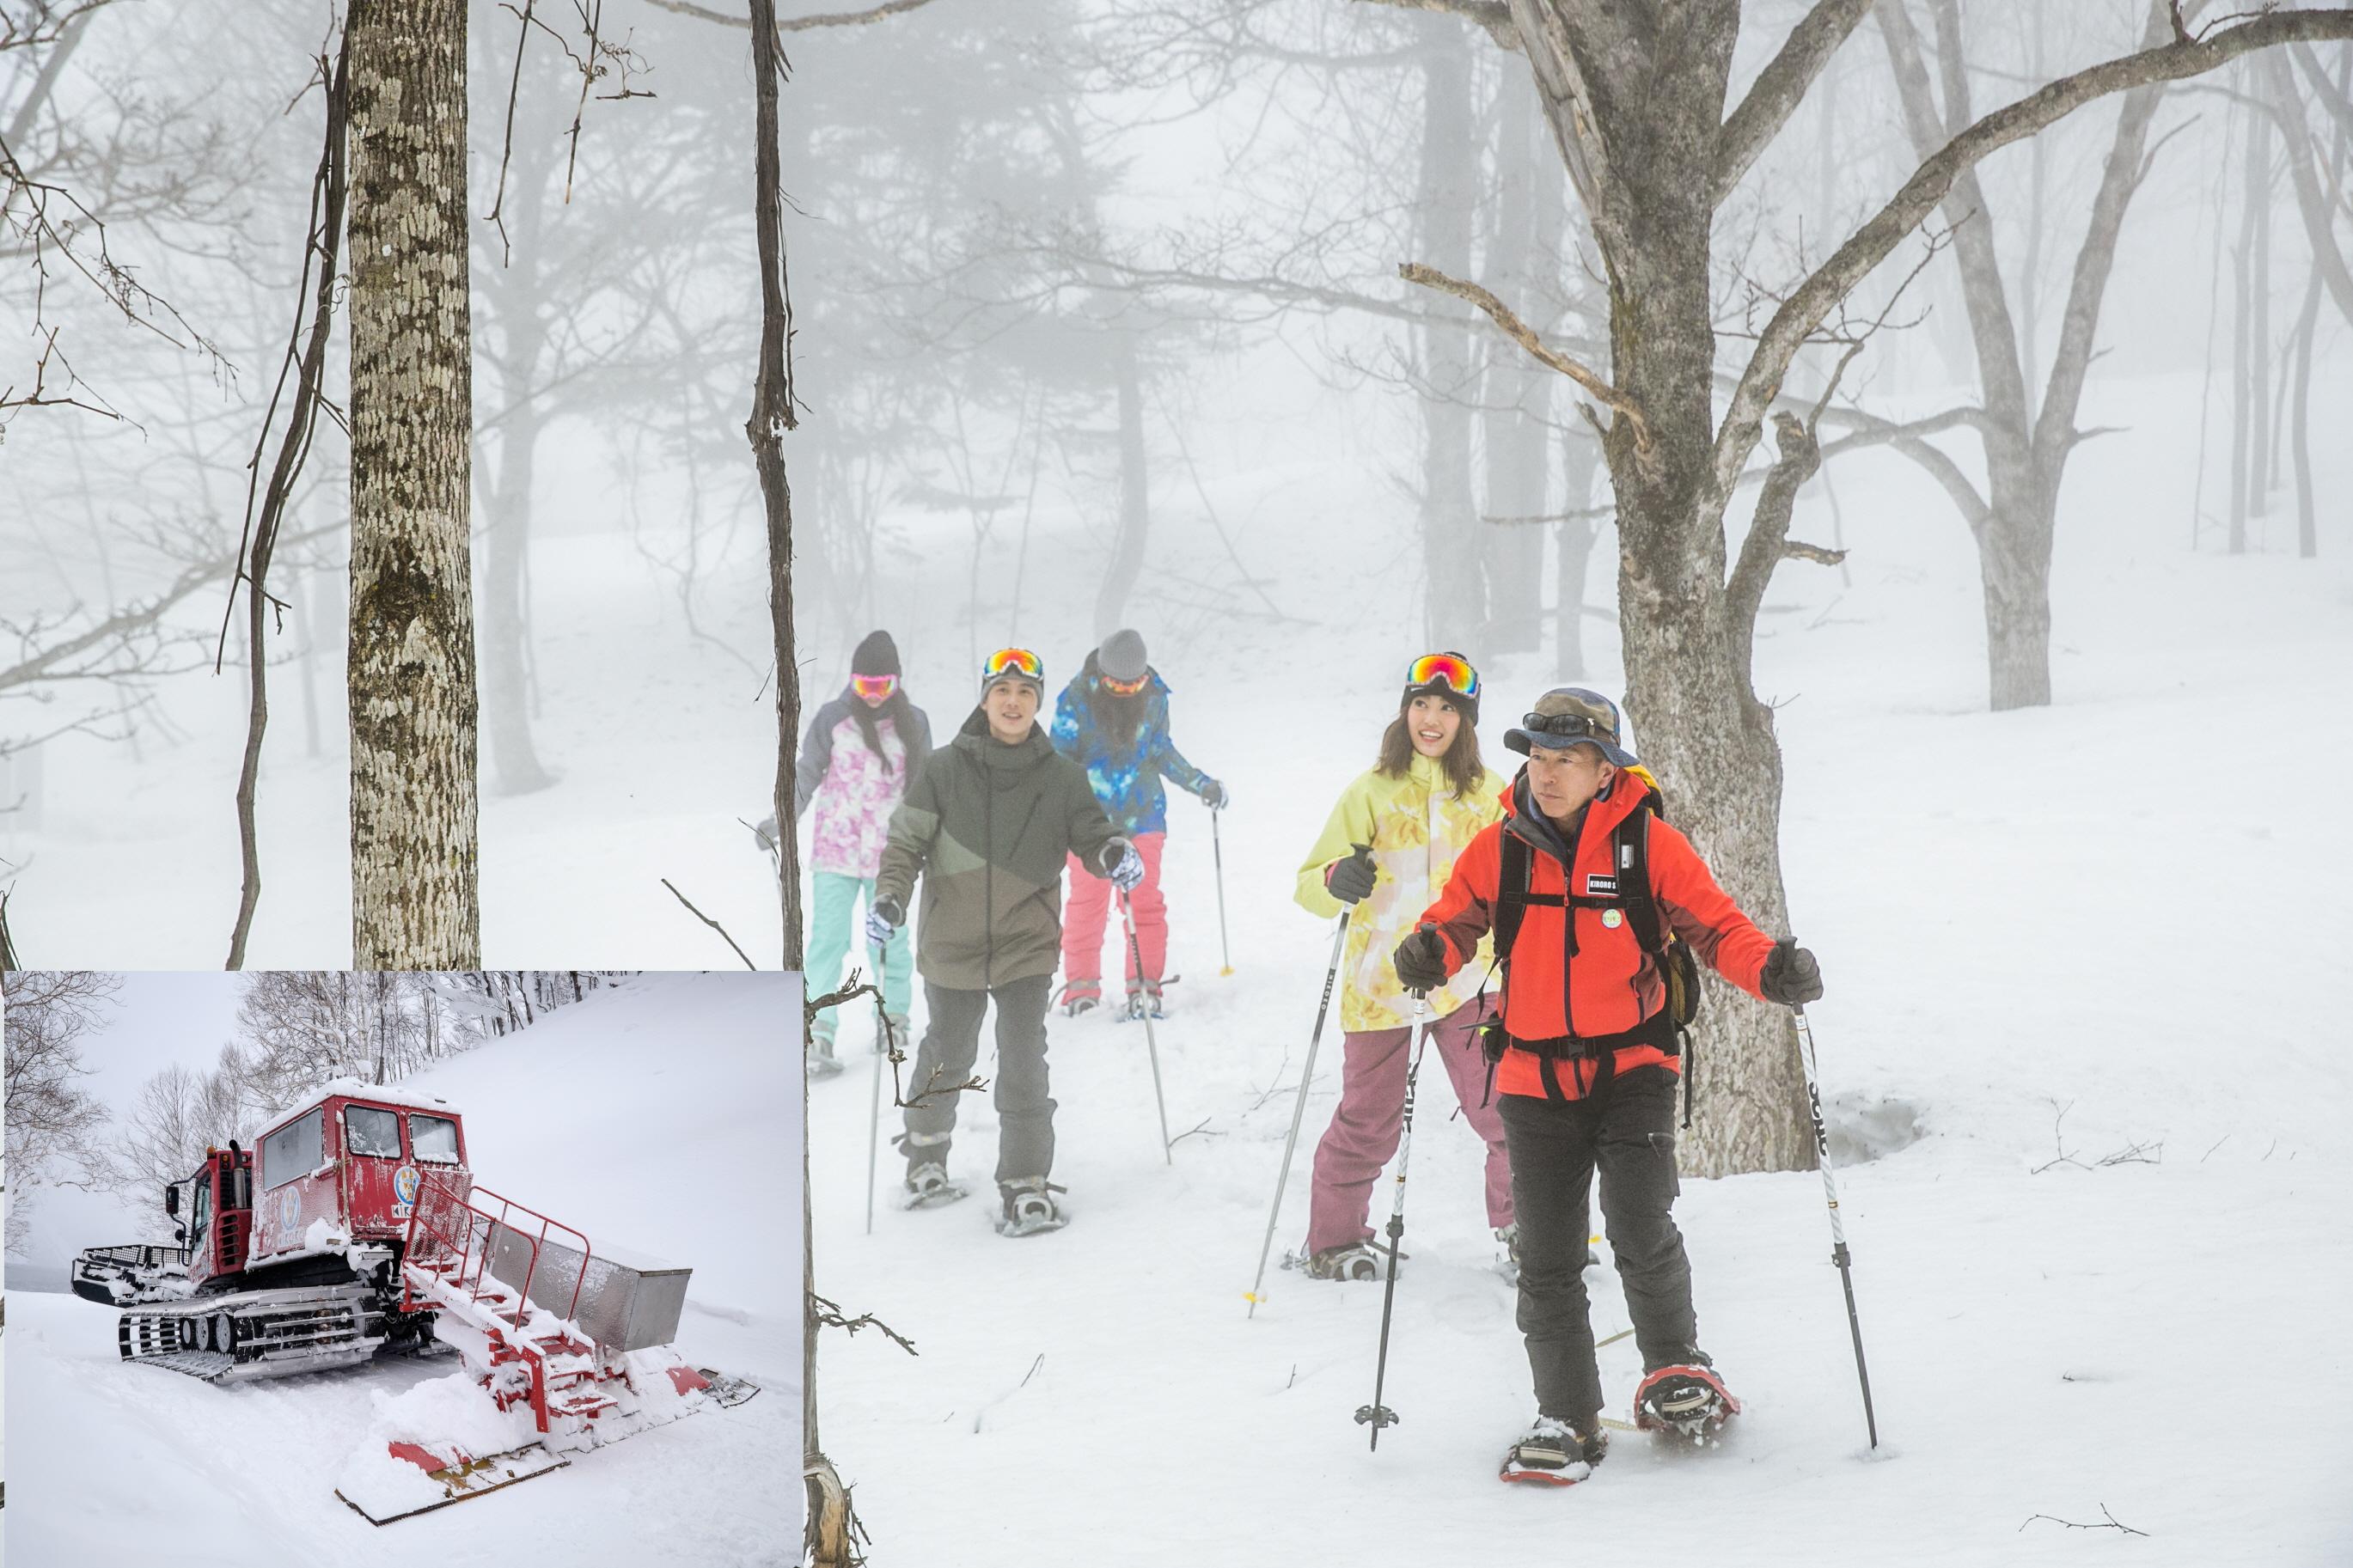 fun activities & things to do in the winter | kiroro ski resort